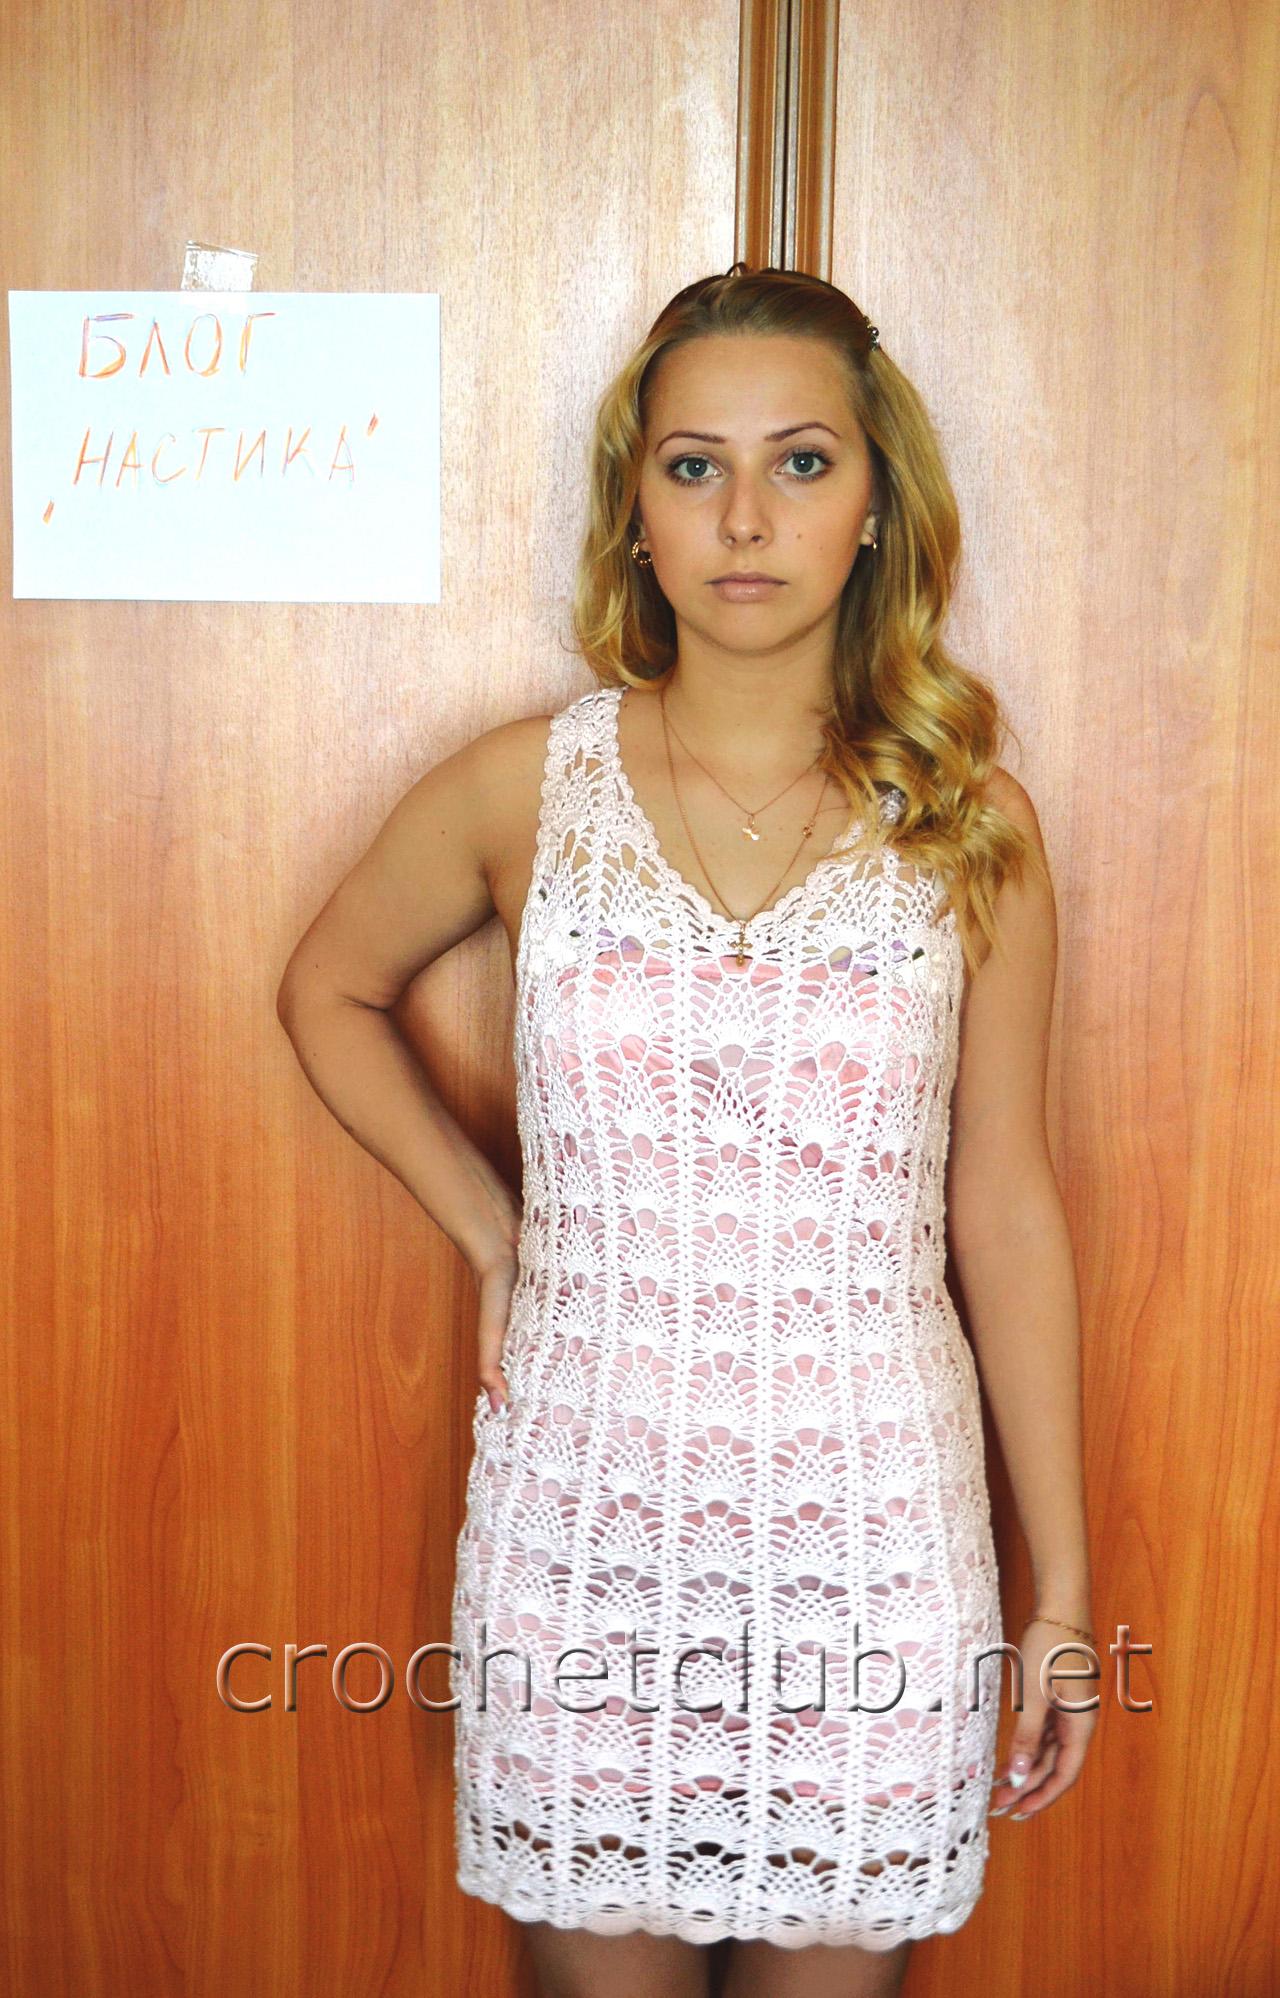 Вязание крючком. Платья, сарафаны, юбки, костюмы. Валентина Евтушенко 30